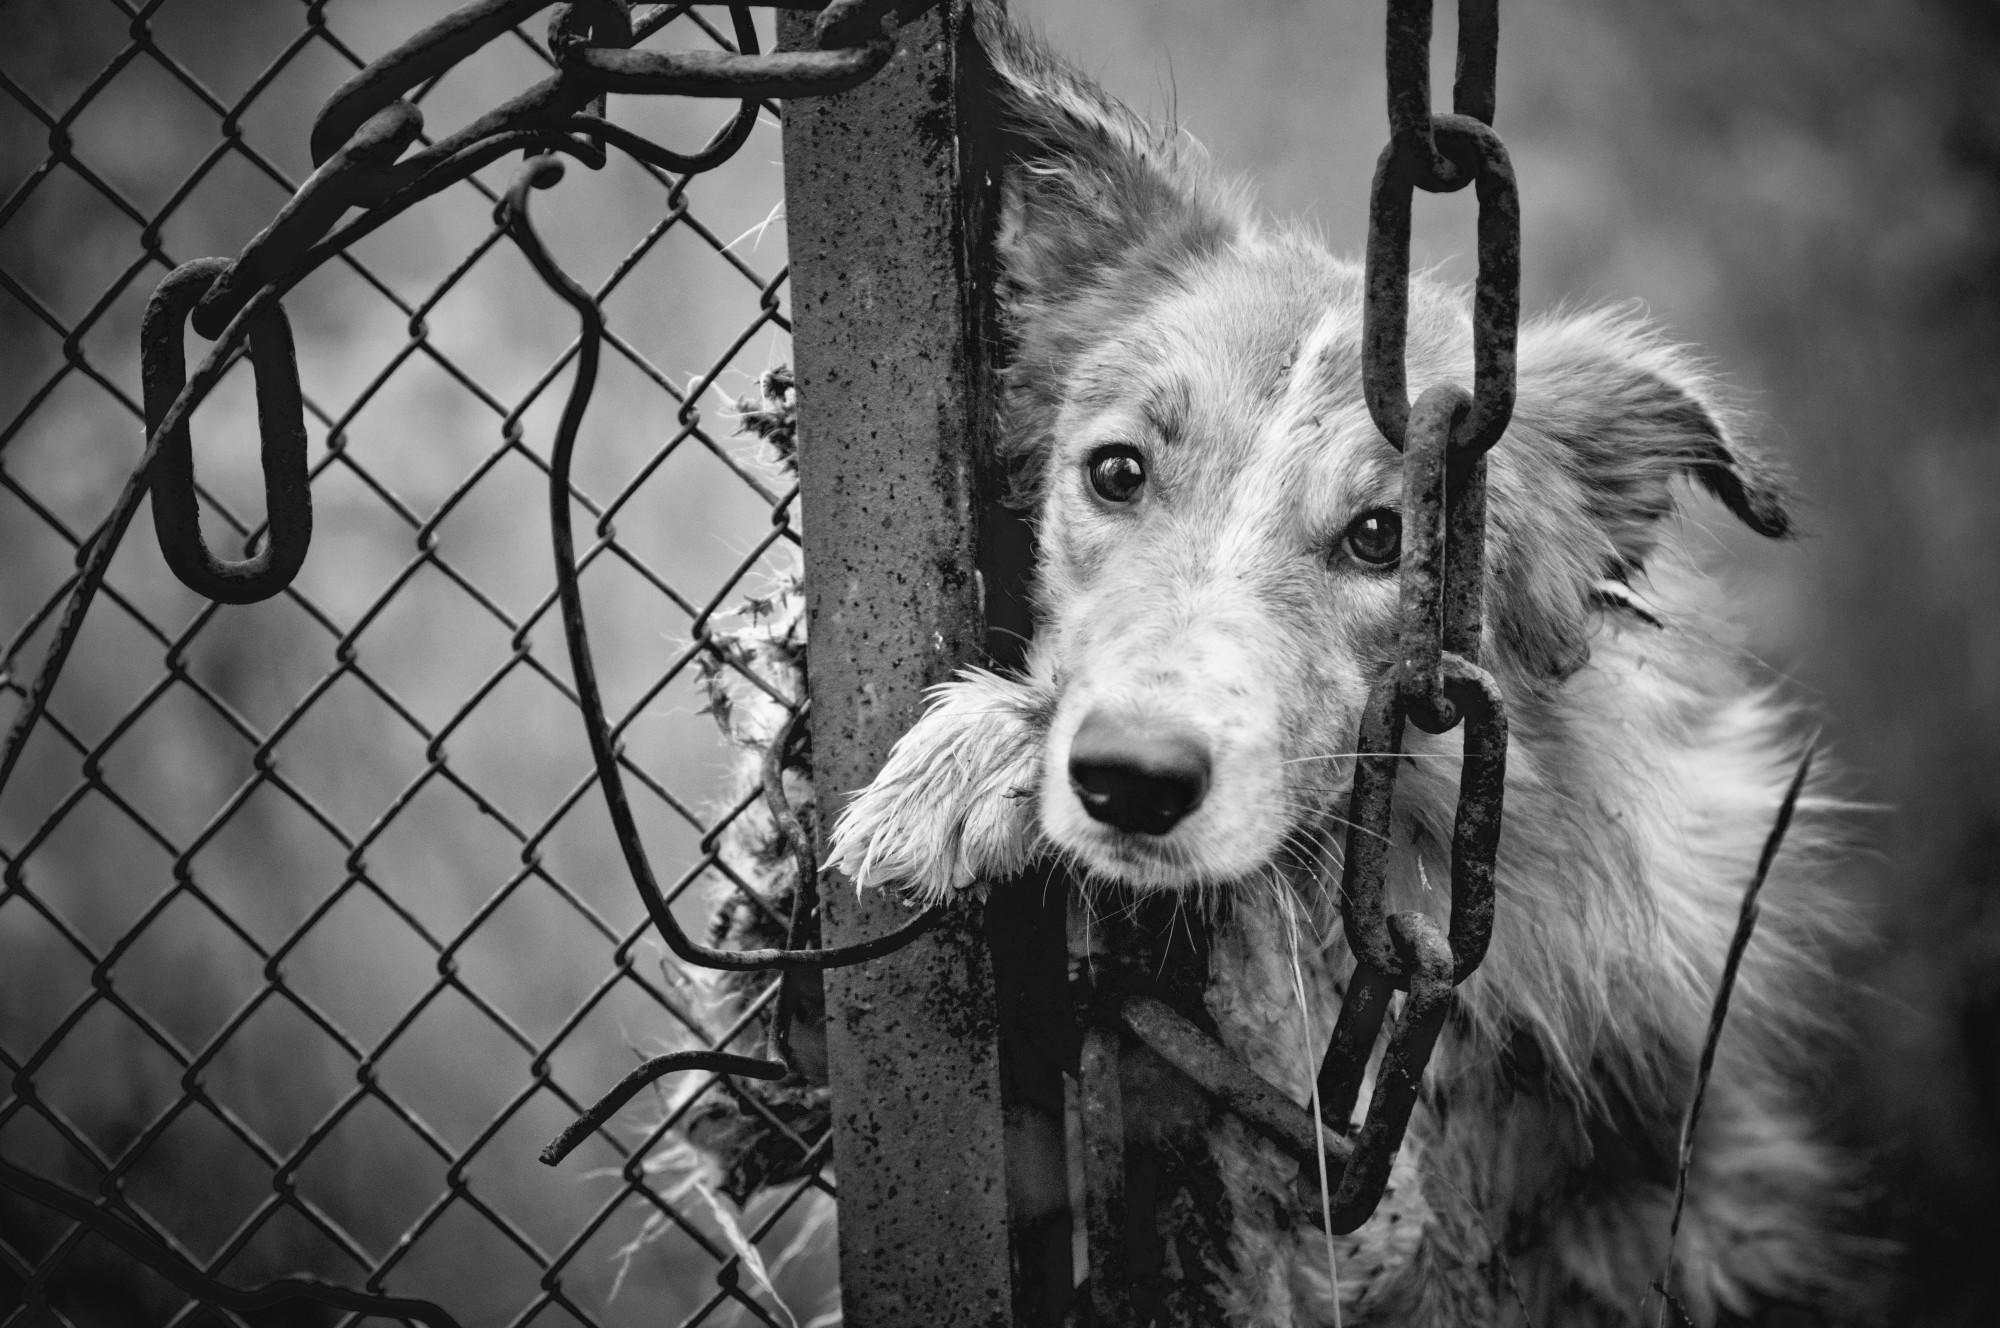 Կենդանիների խոշտանգման համար նաև ազատազրկում կսահմանվի. ԲՀԿ առաջարկն ընդունվել է